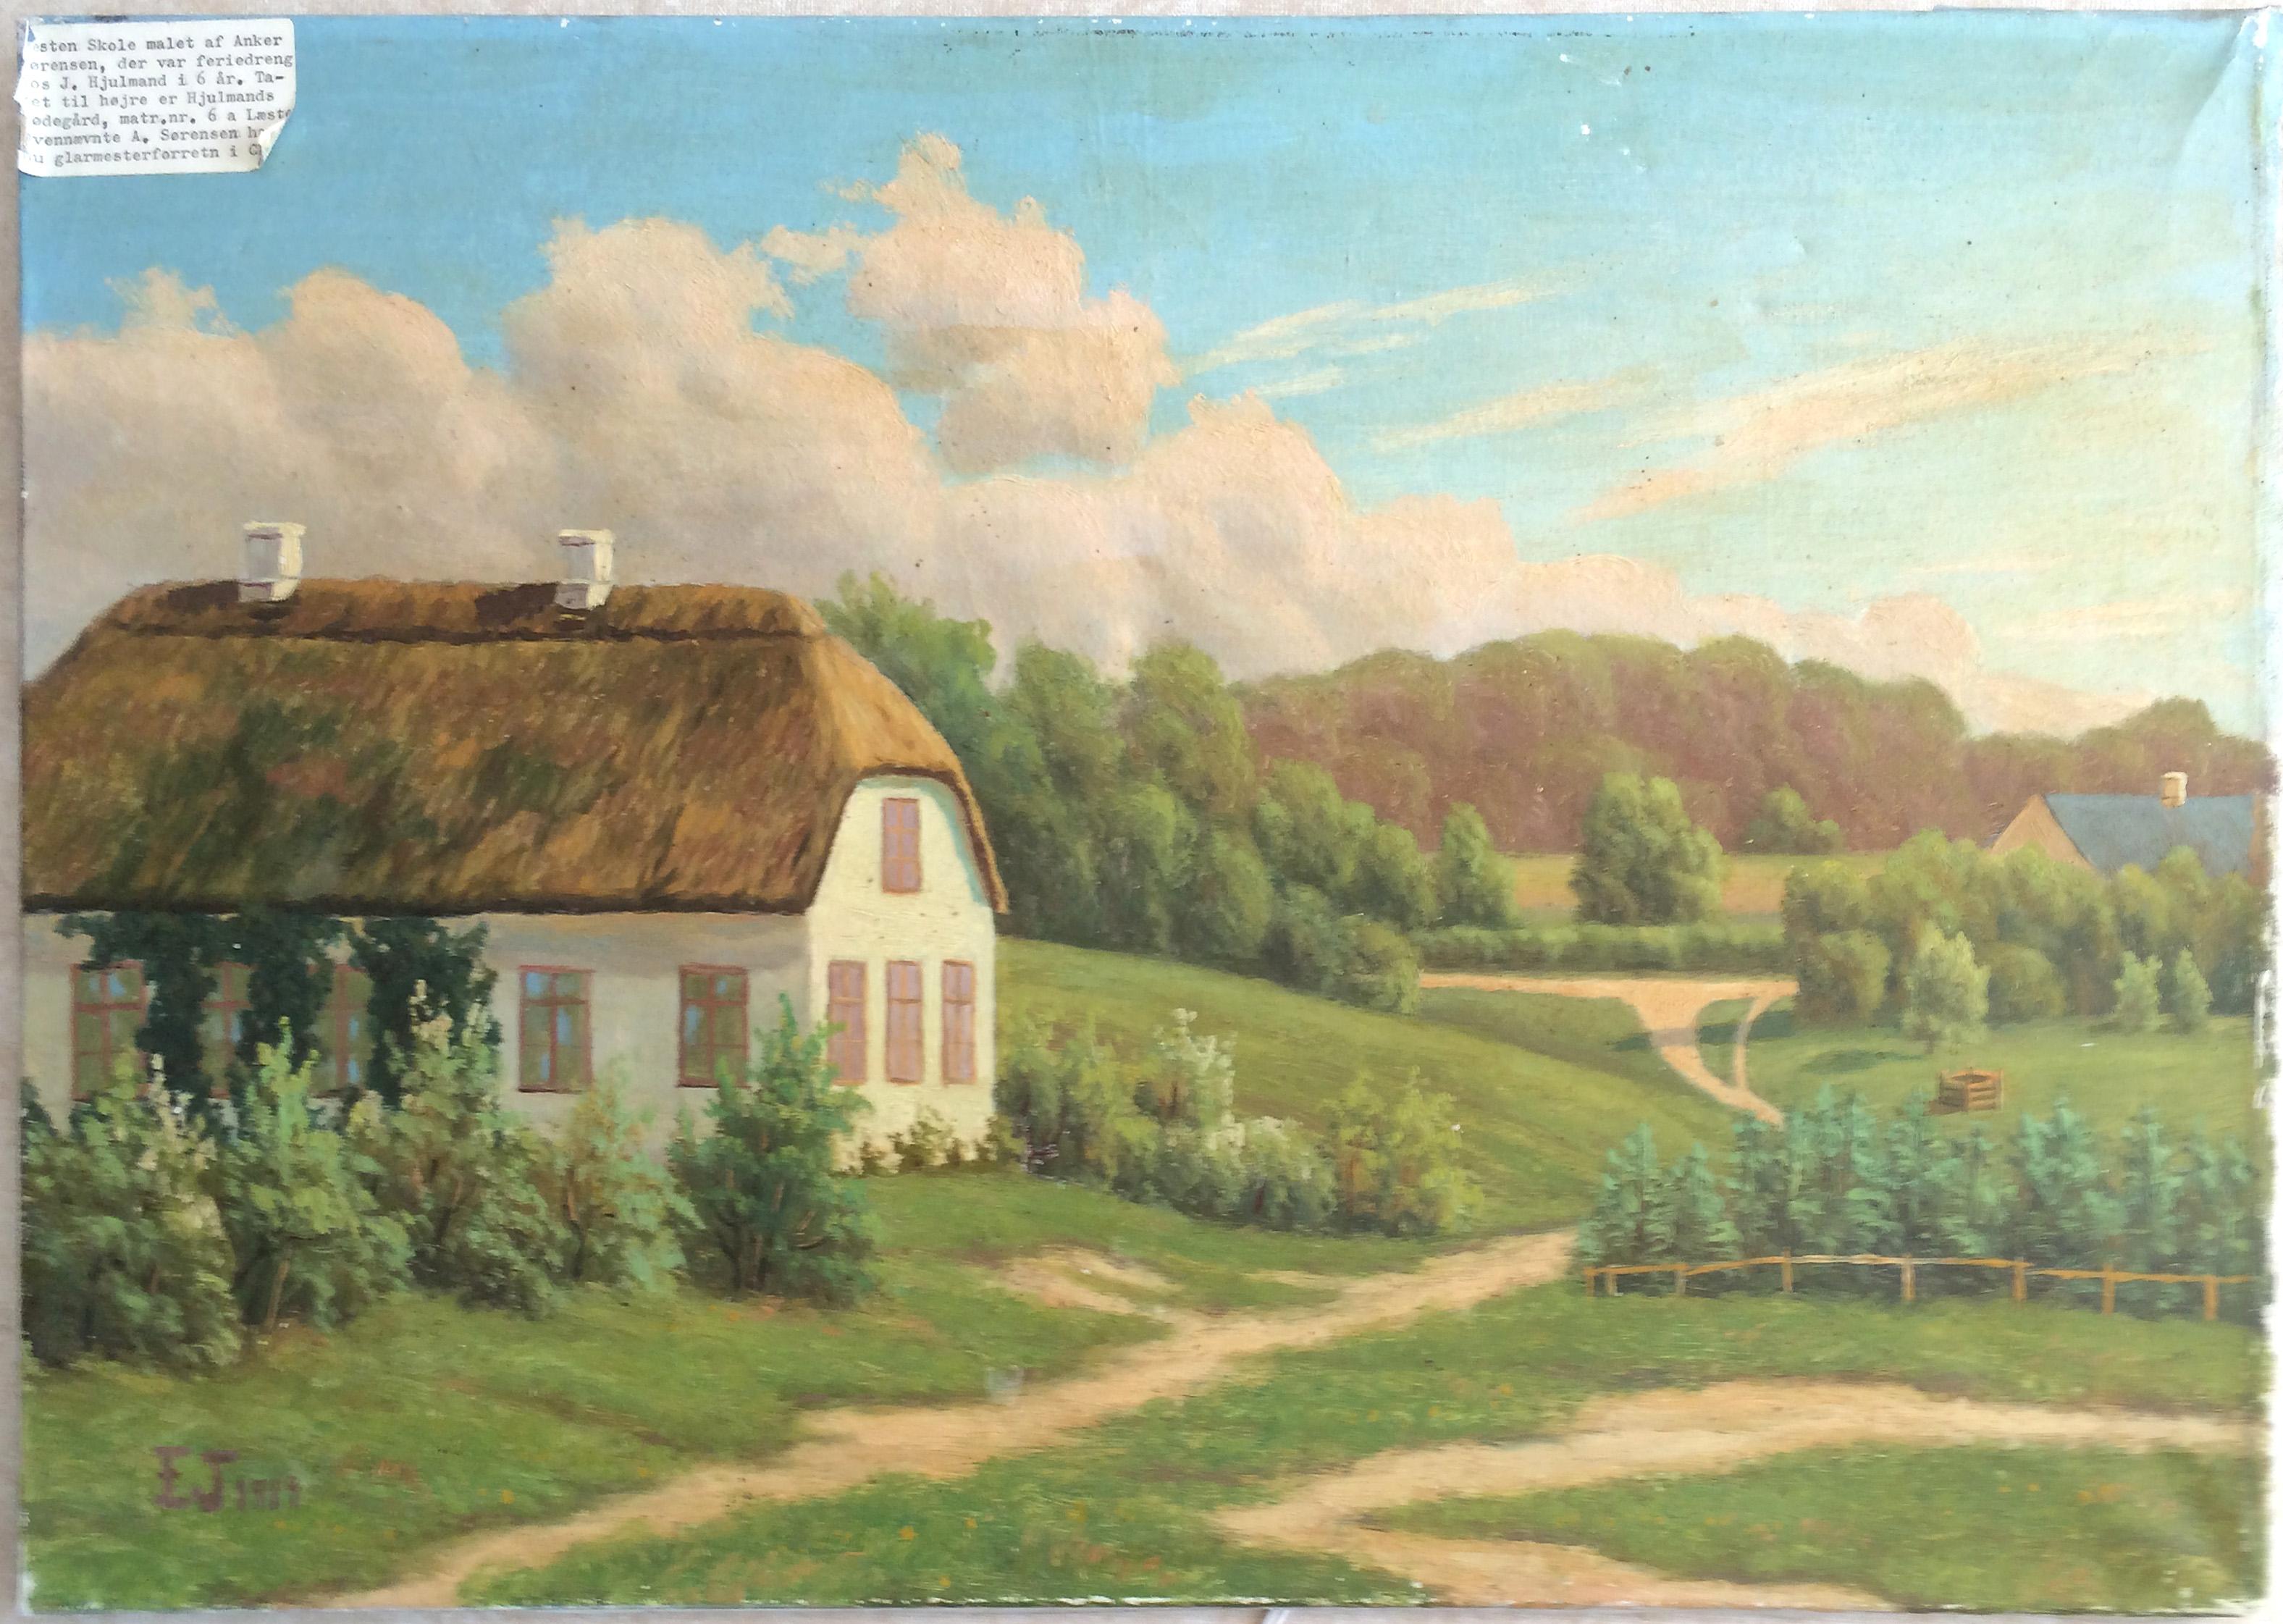 Maleri af Læsten Skole - ukendt kunstner og årstal